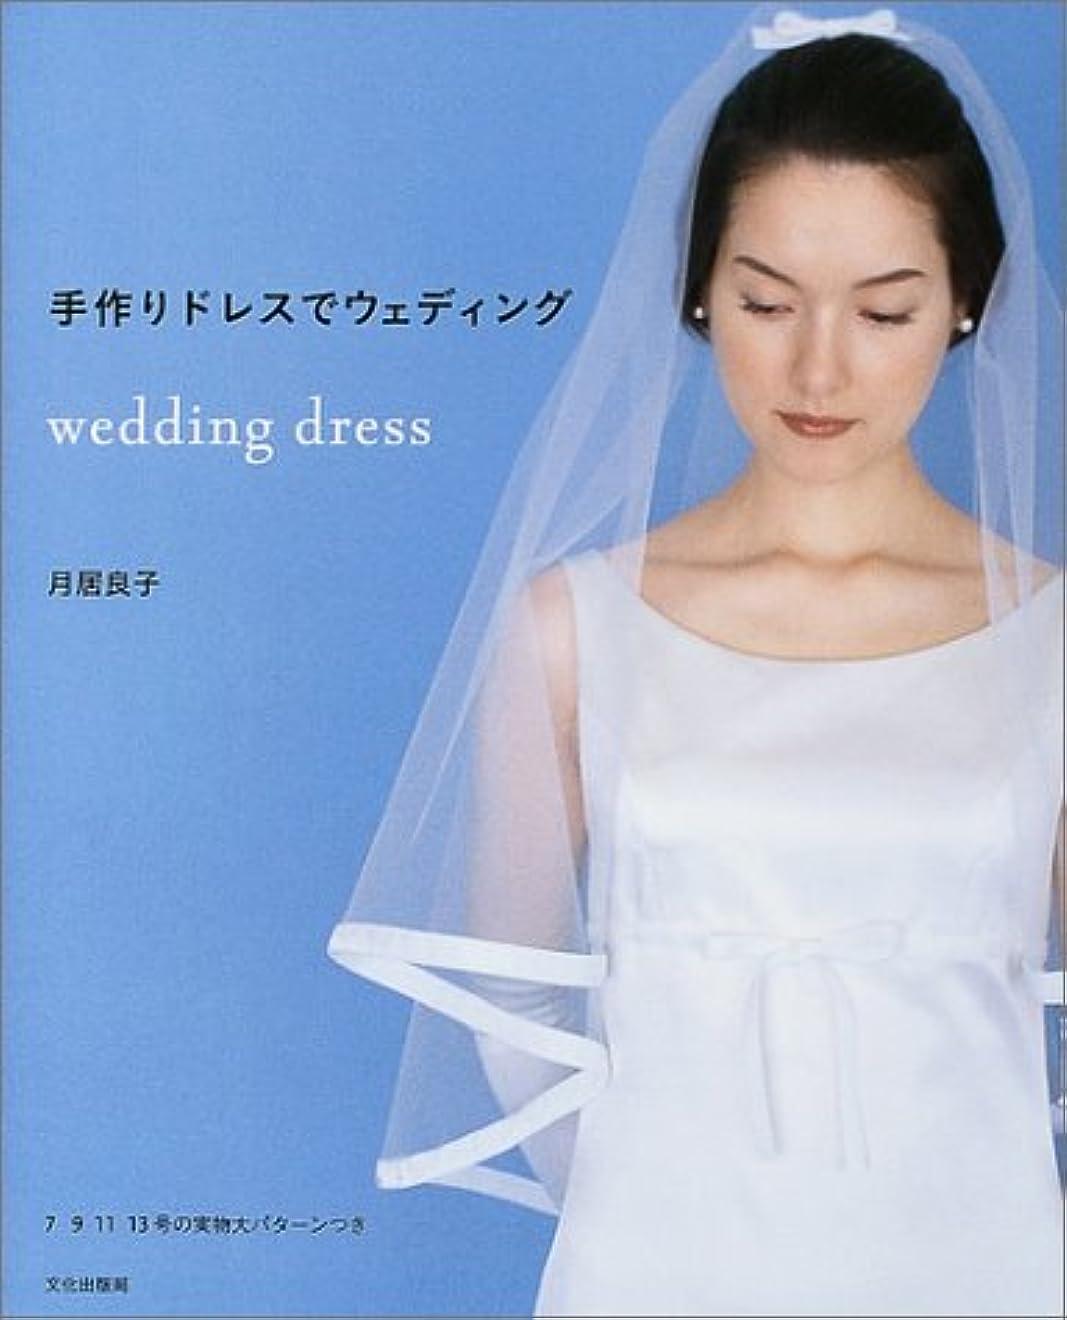 歯科医カートン自然手作りドレスでウェディング